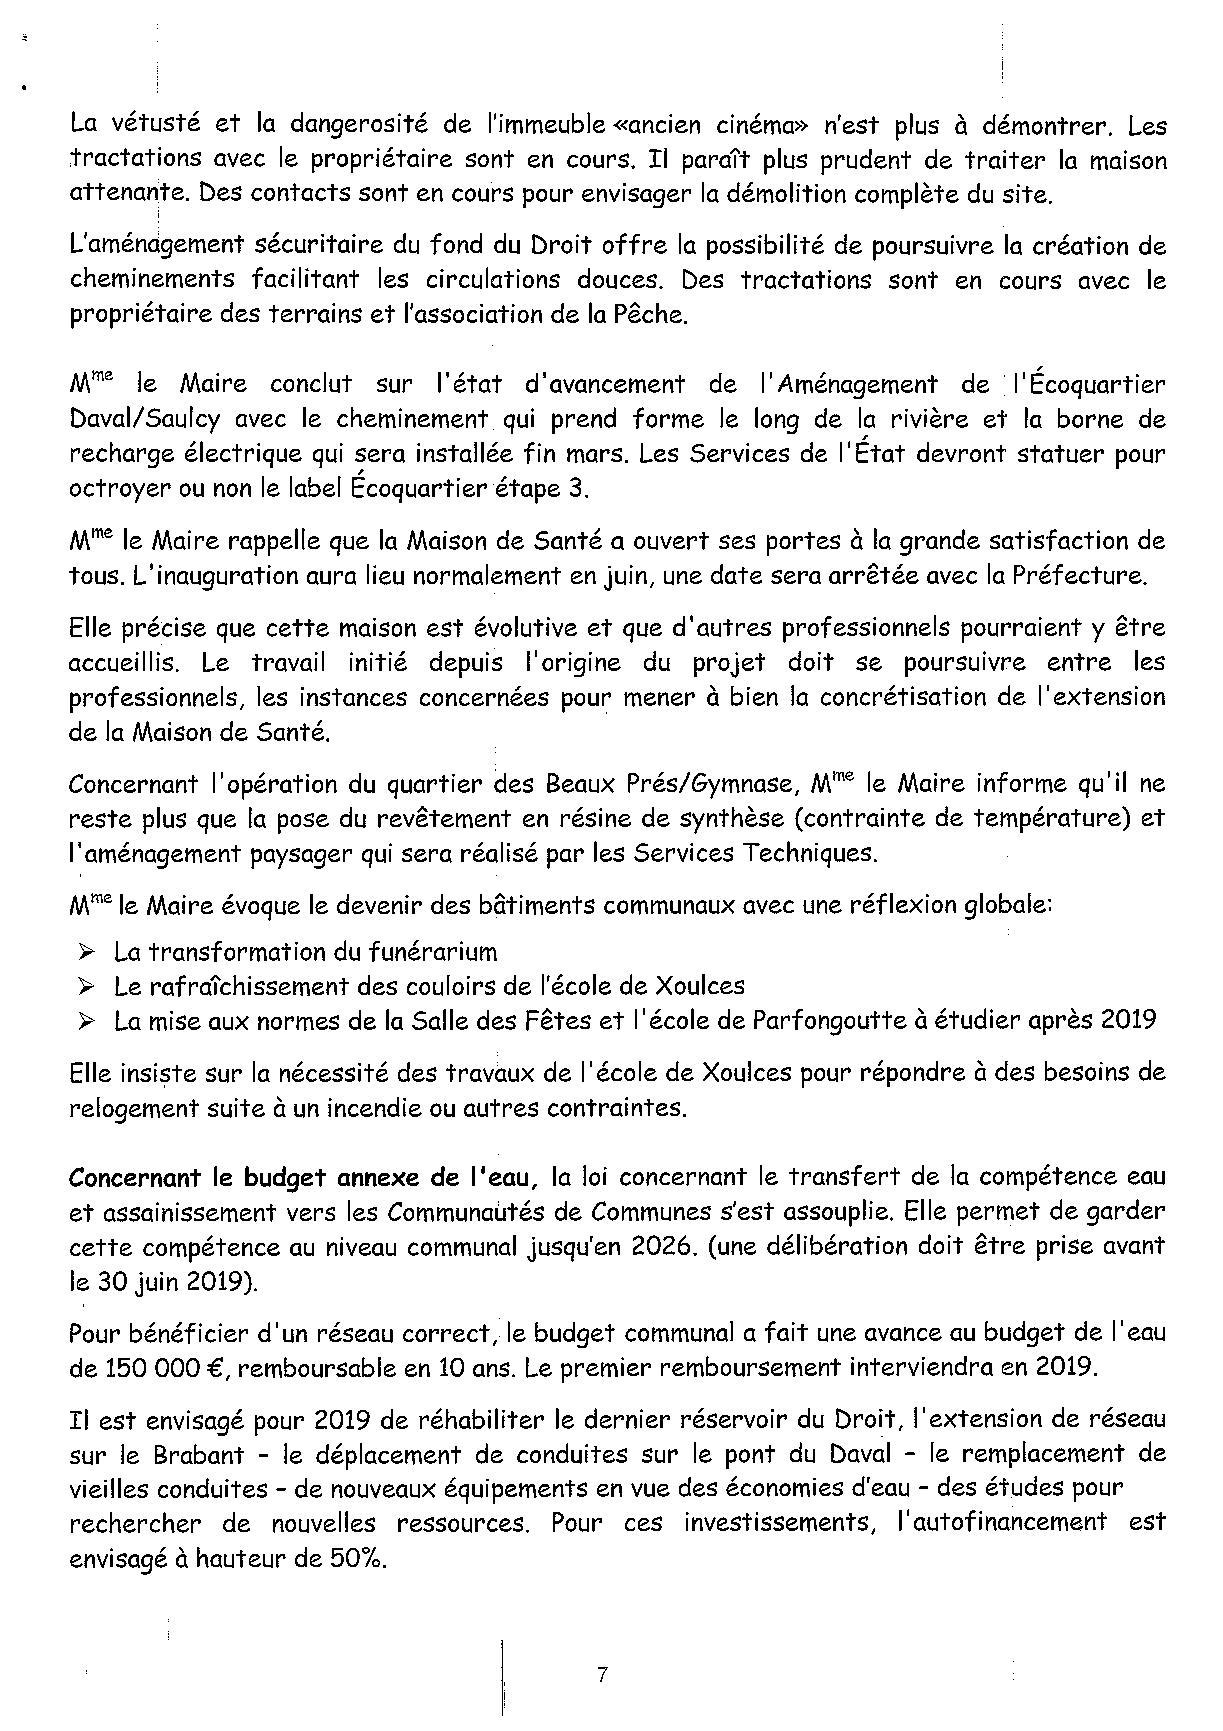 CR CONSEIL MUNICIPAL du 15.03.2019-page-007